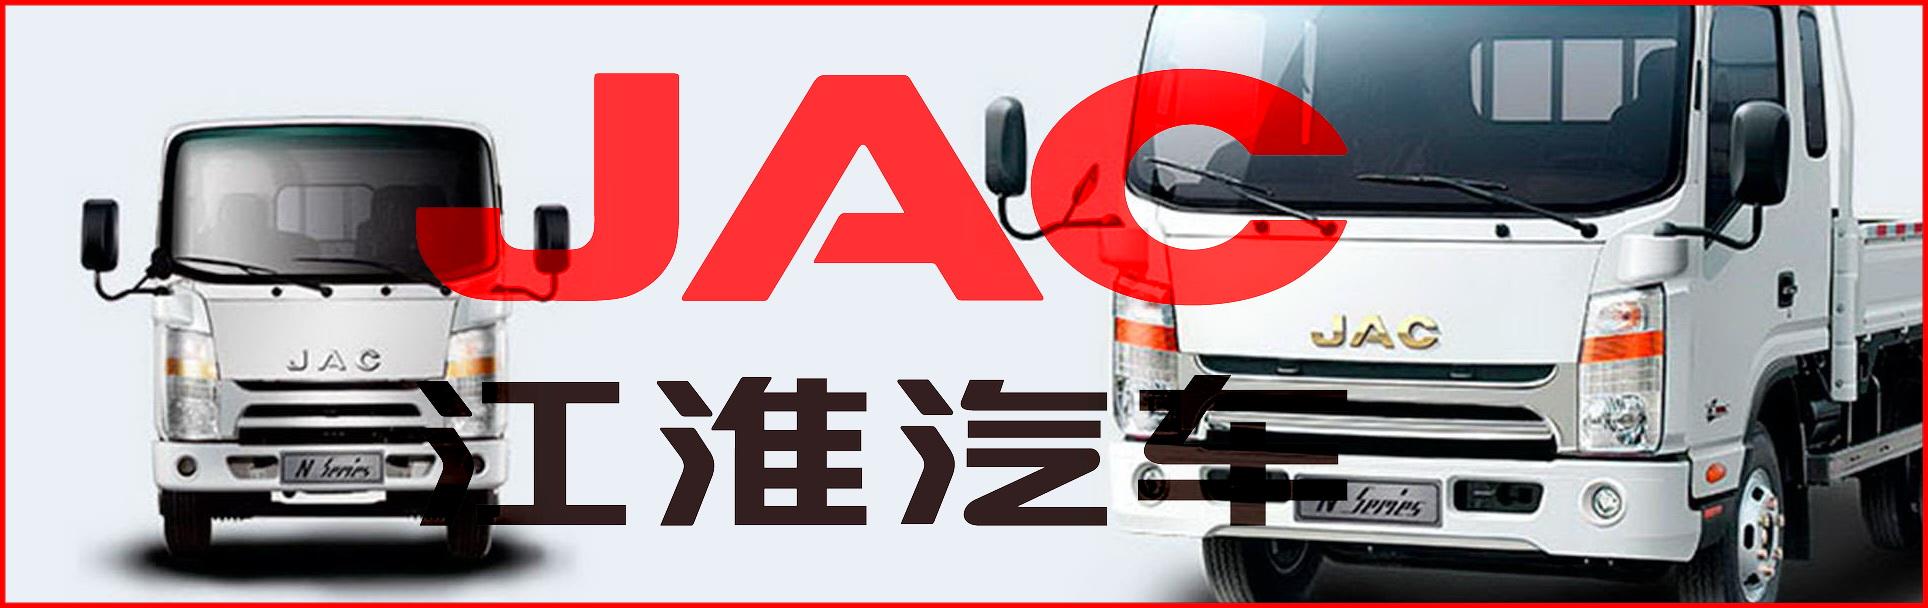 обзор JAC